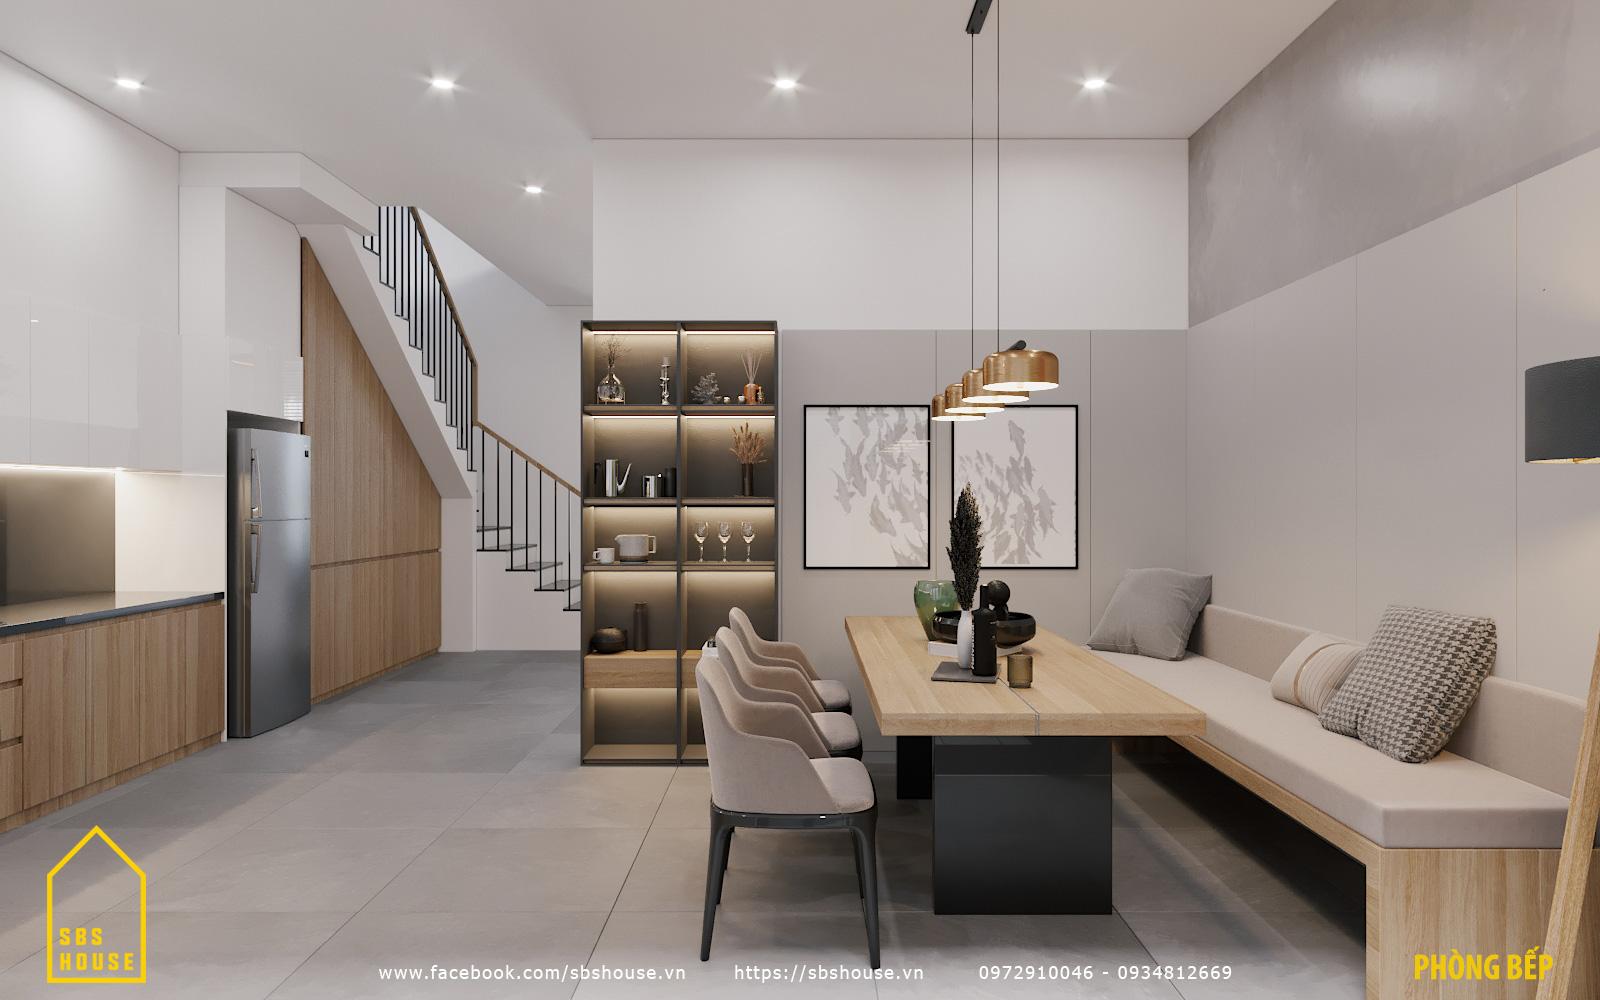 Mẫu phòng bếp đẹp và hiện đại